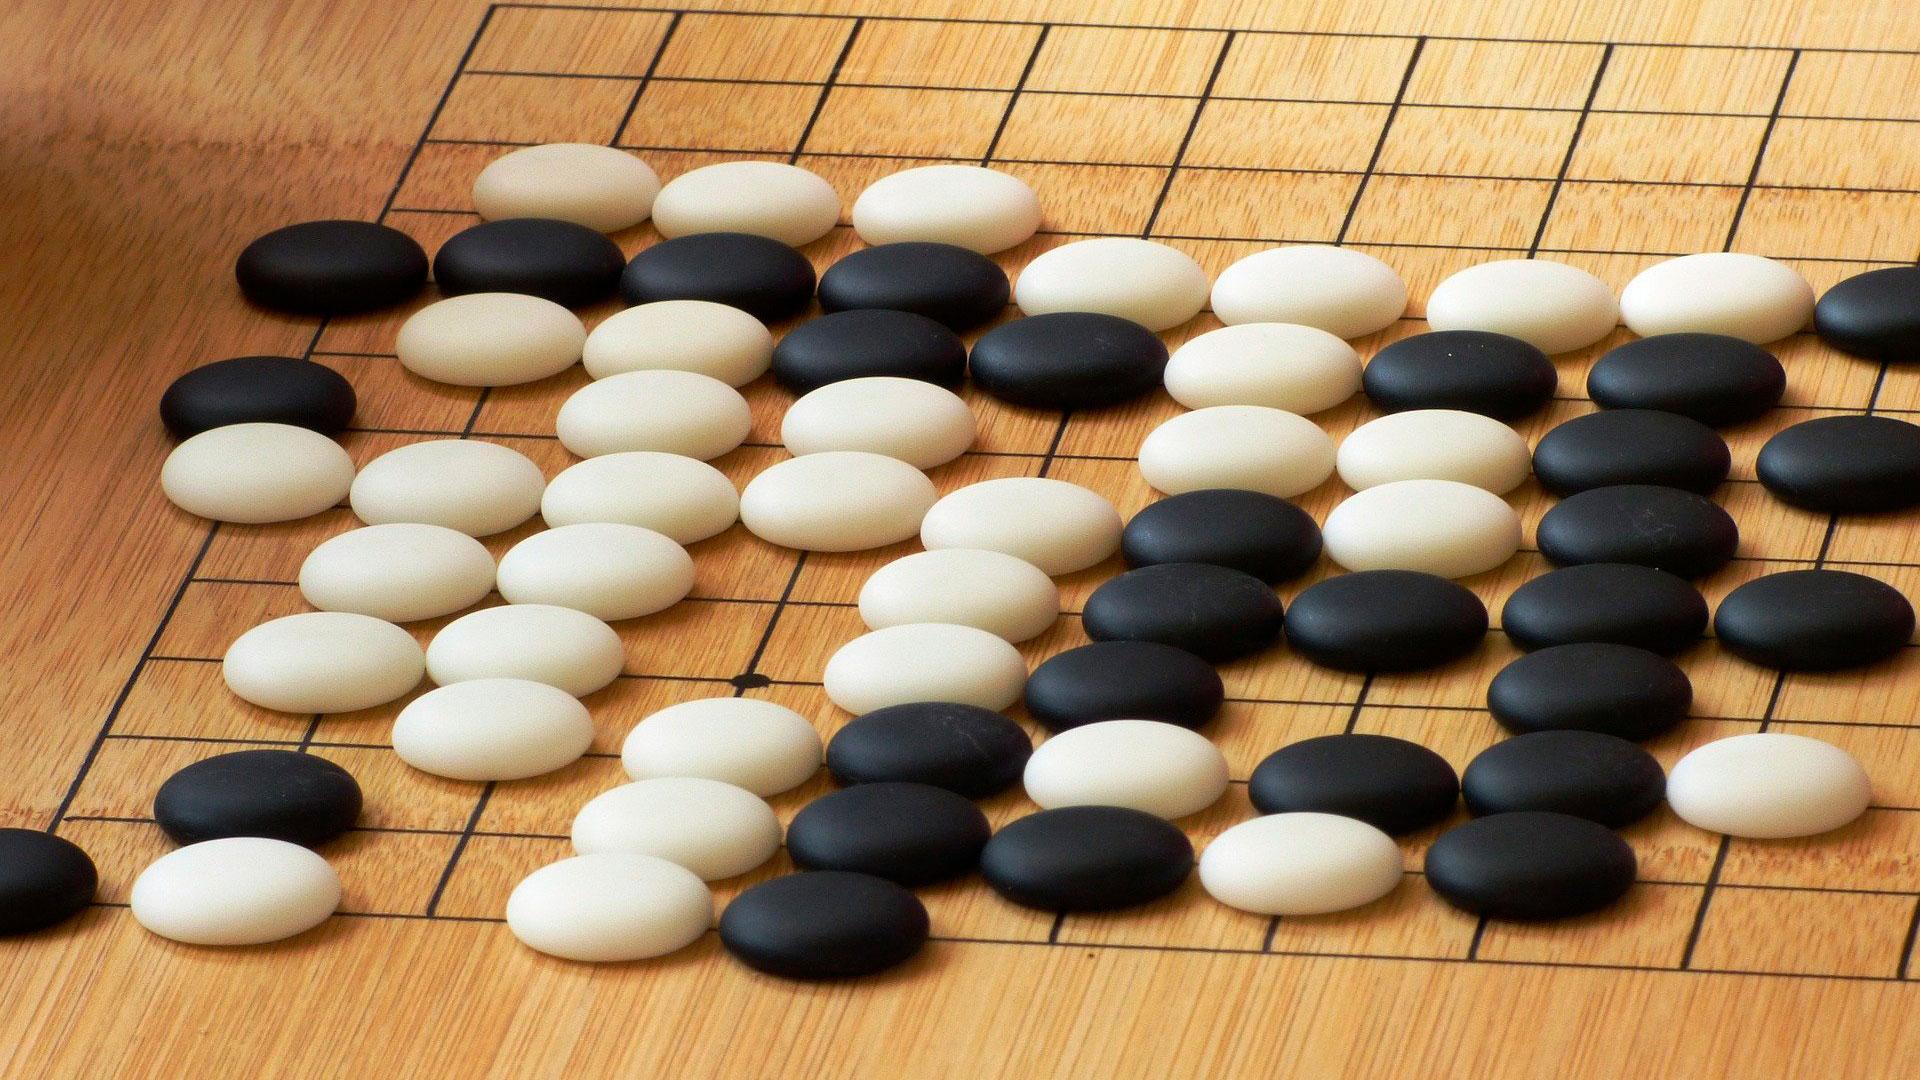 Imagen de un juego de mesa japonés